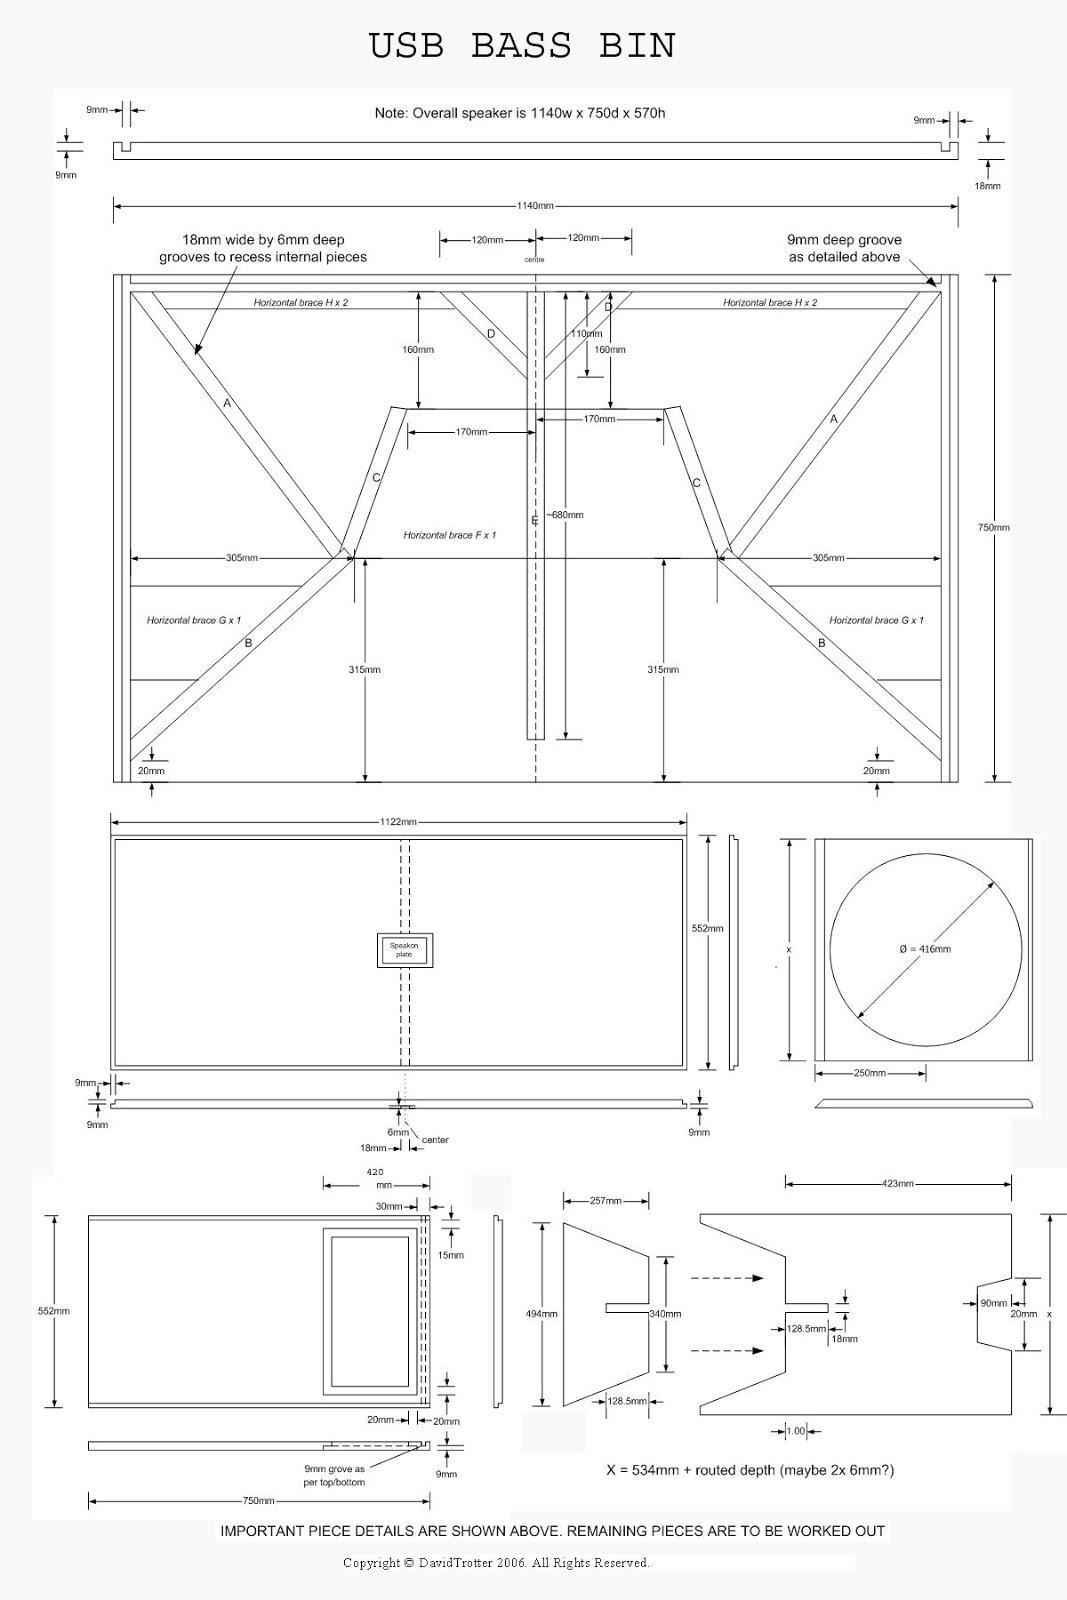 usb bass bin plans design